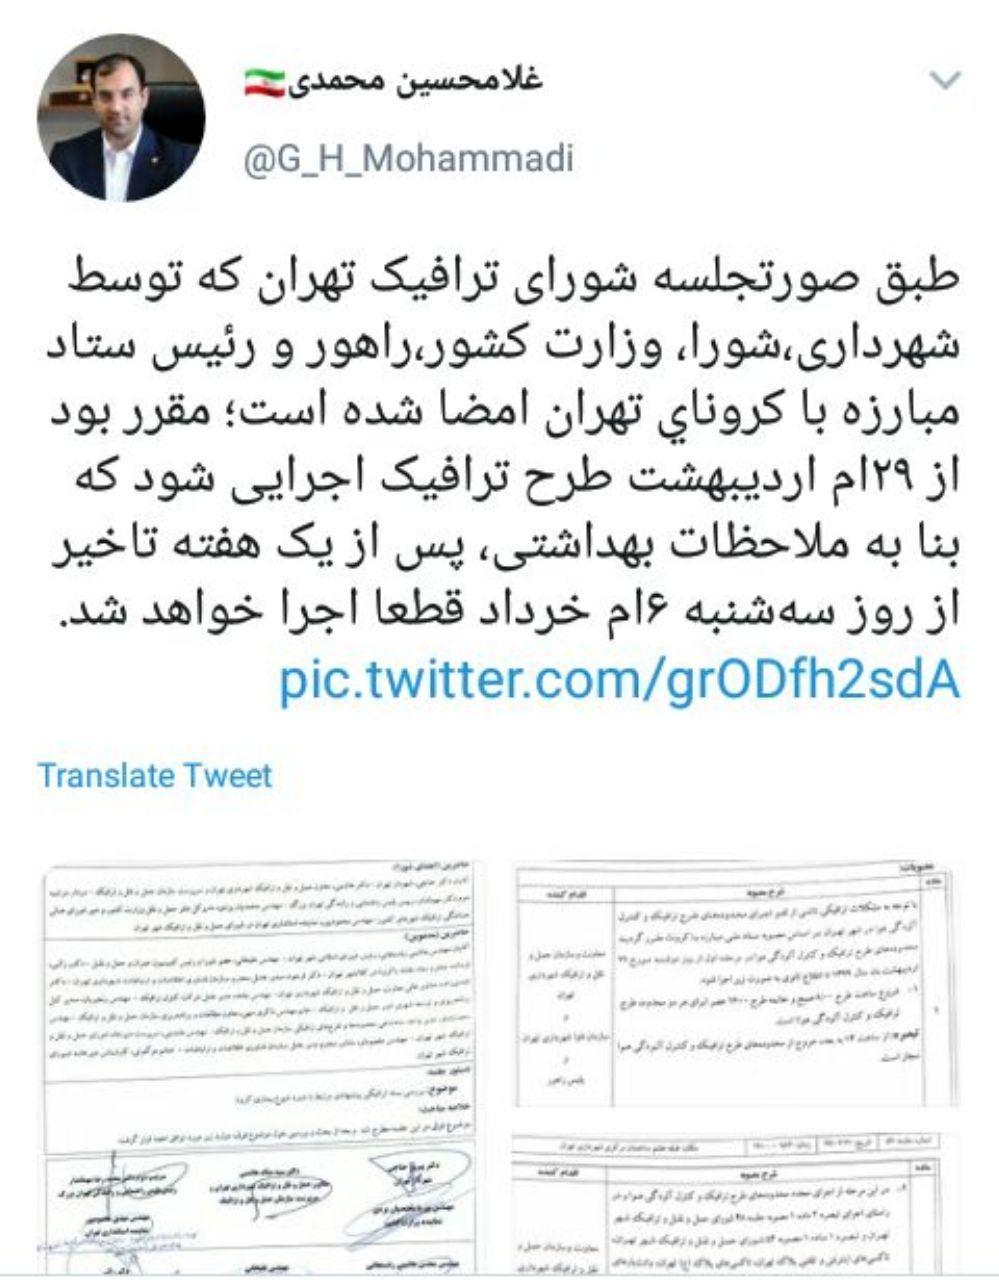 مردم سرگردان از خبر رسانی توئیتری و شبانه/ طرح ترافیک لغو شد وقتی همه خواب بودند